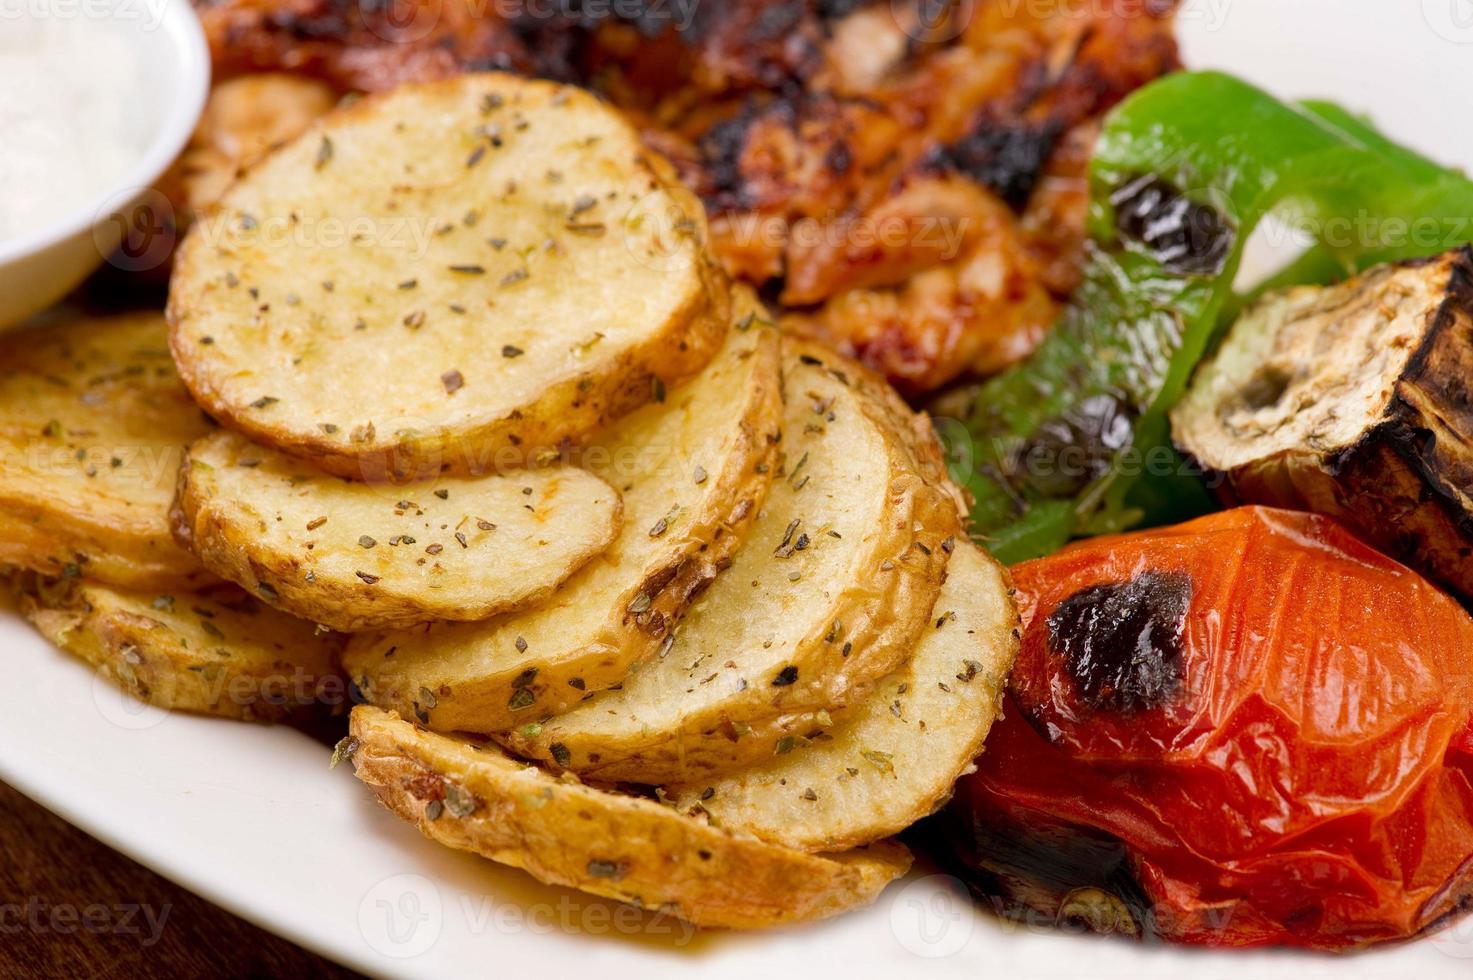 grillad kycklingfilé, med potatis och grönsaker foto